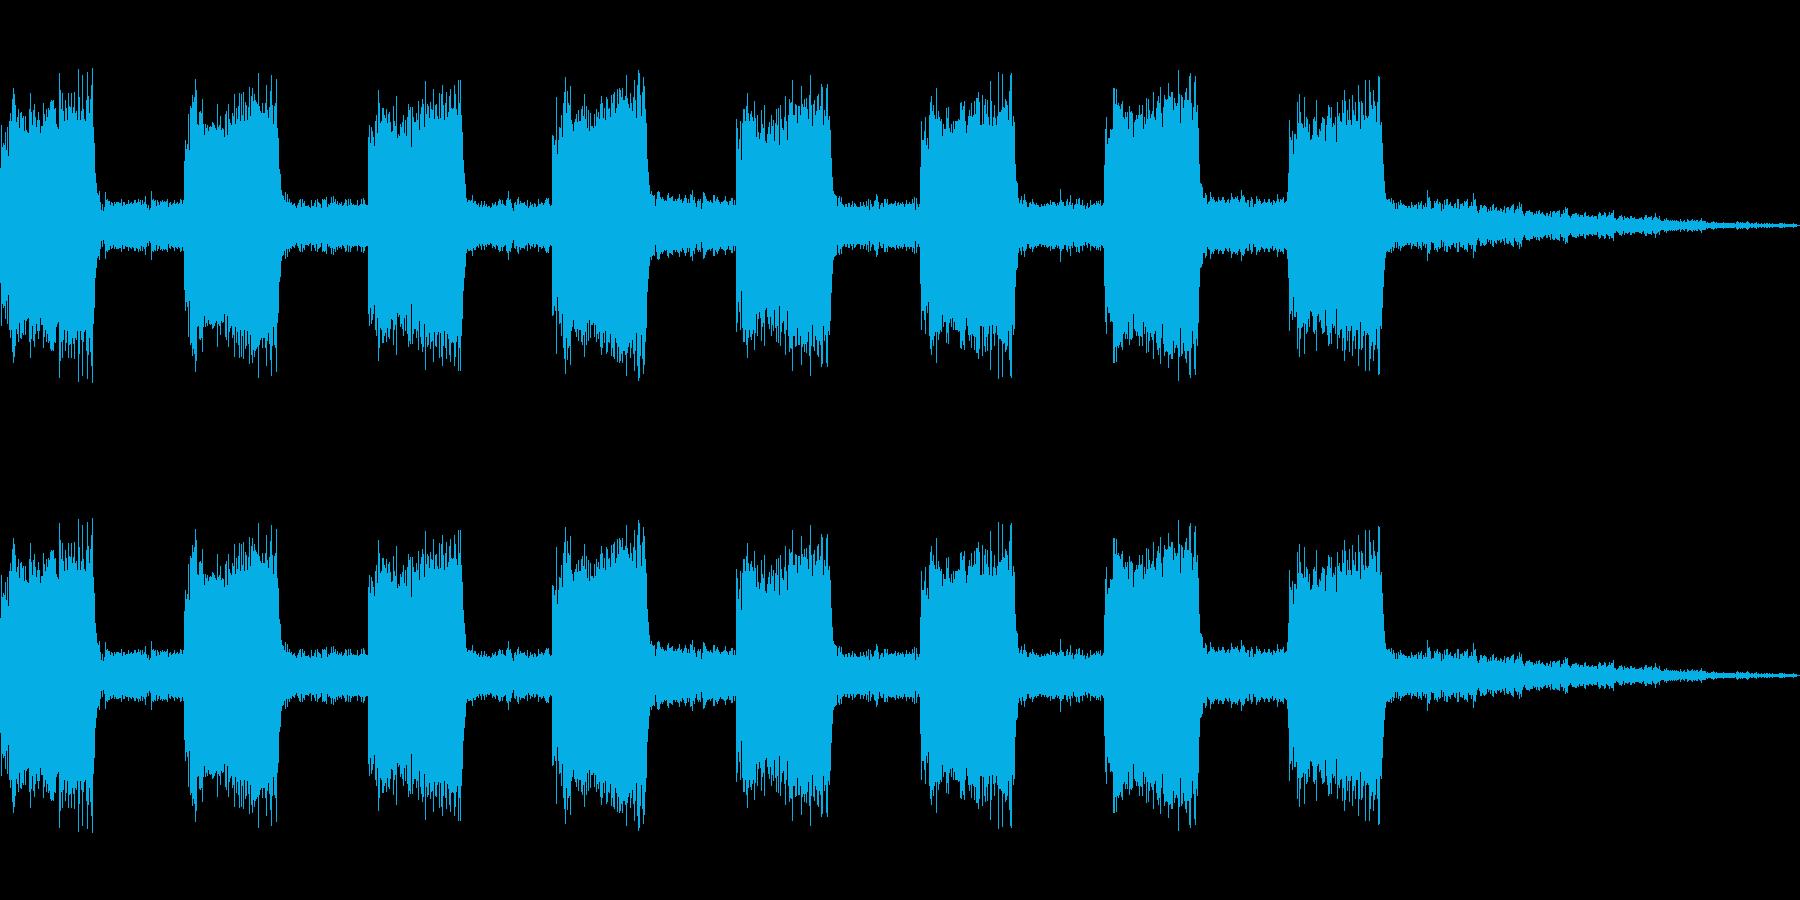 【効果音】警報音4の再生済みの波形